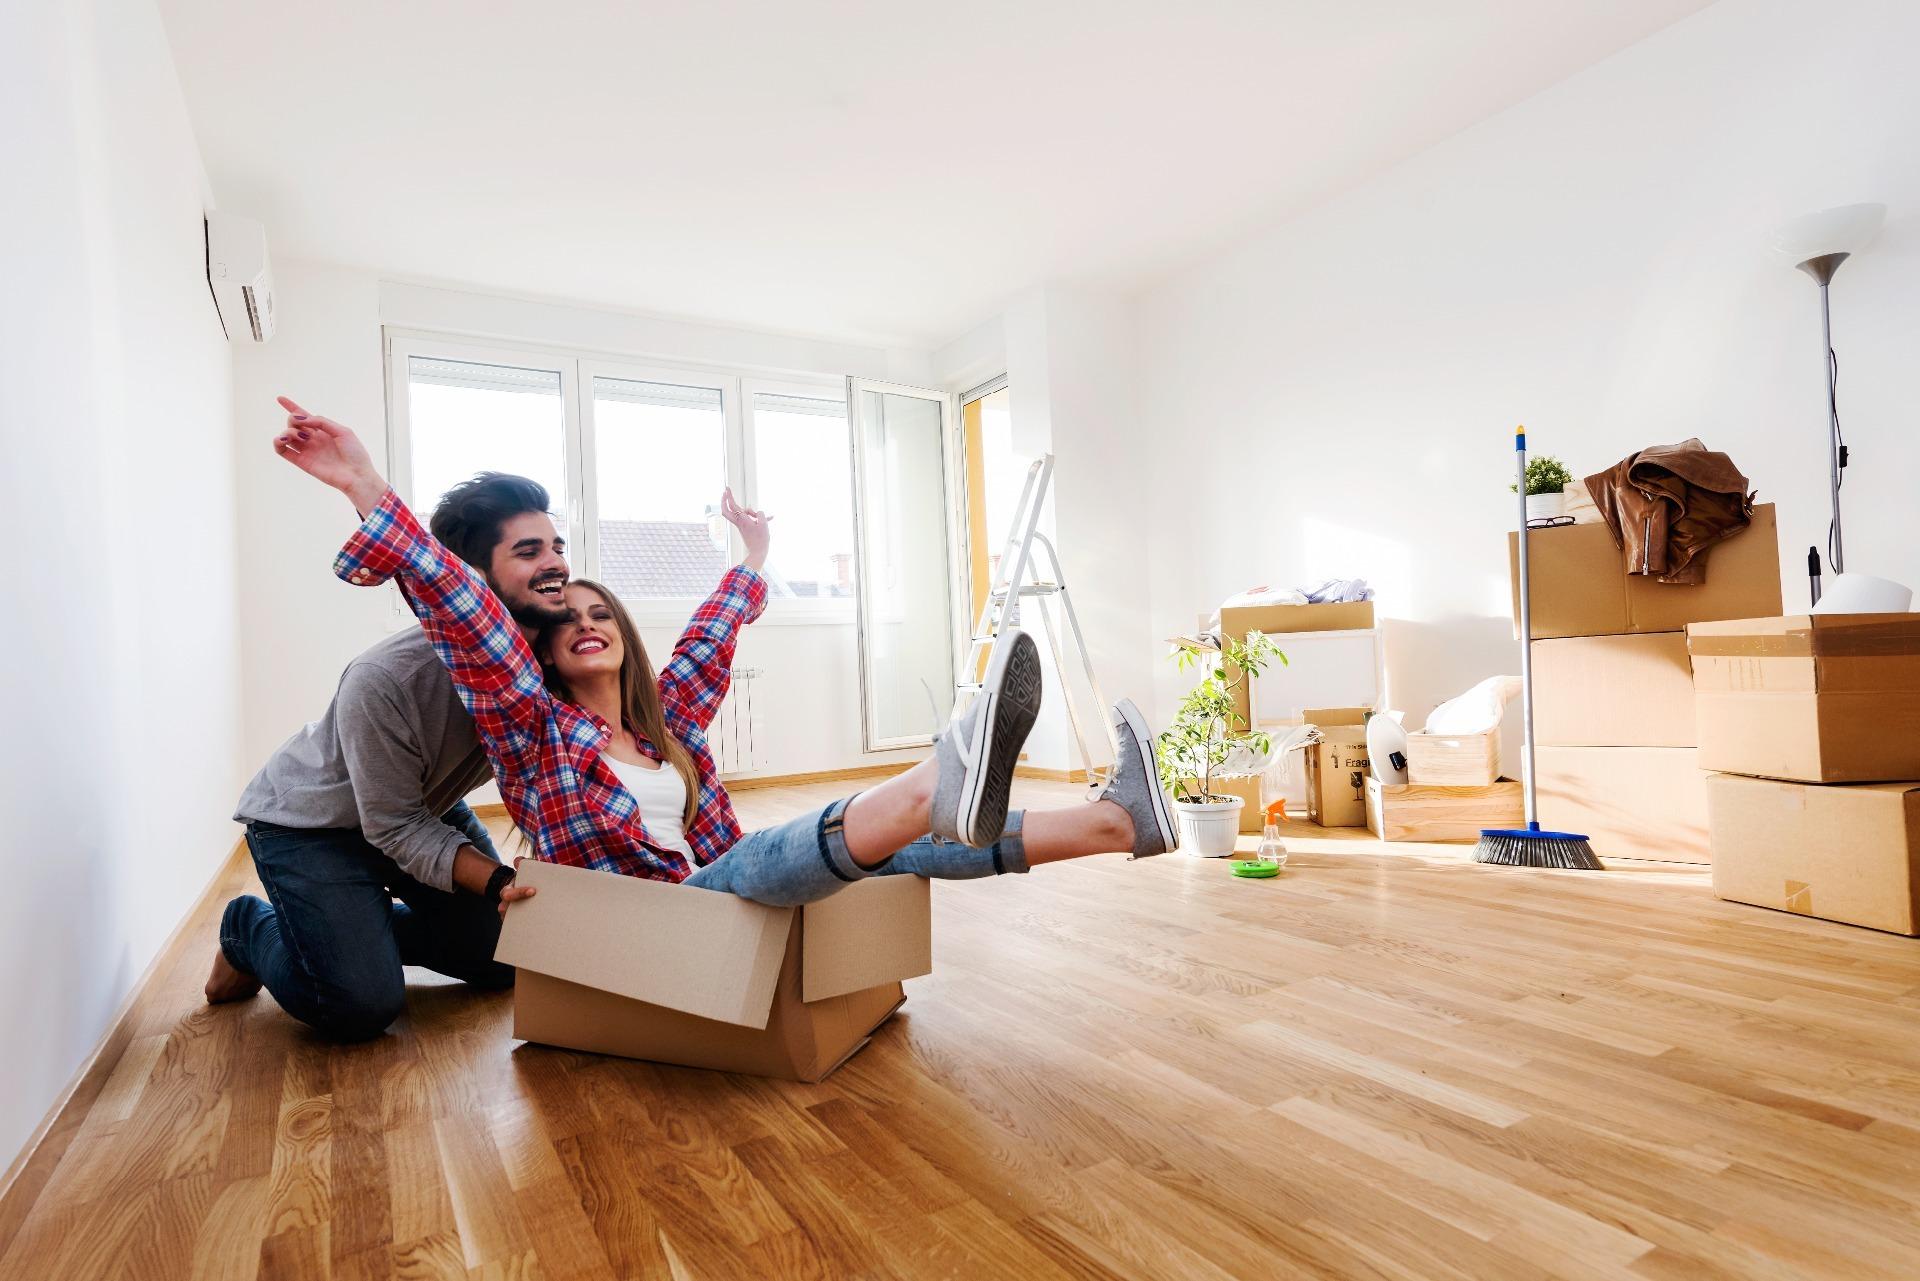 Порядок в доме раз и навсегда: как избавиться от хронического беспорядка, организовать пространство и начать новую жизнь